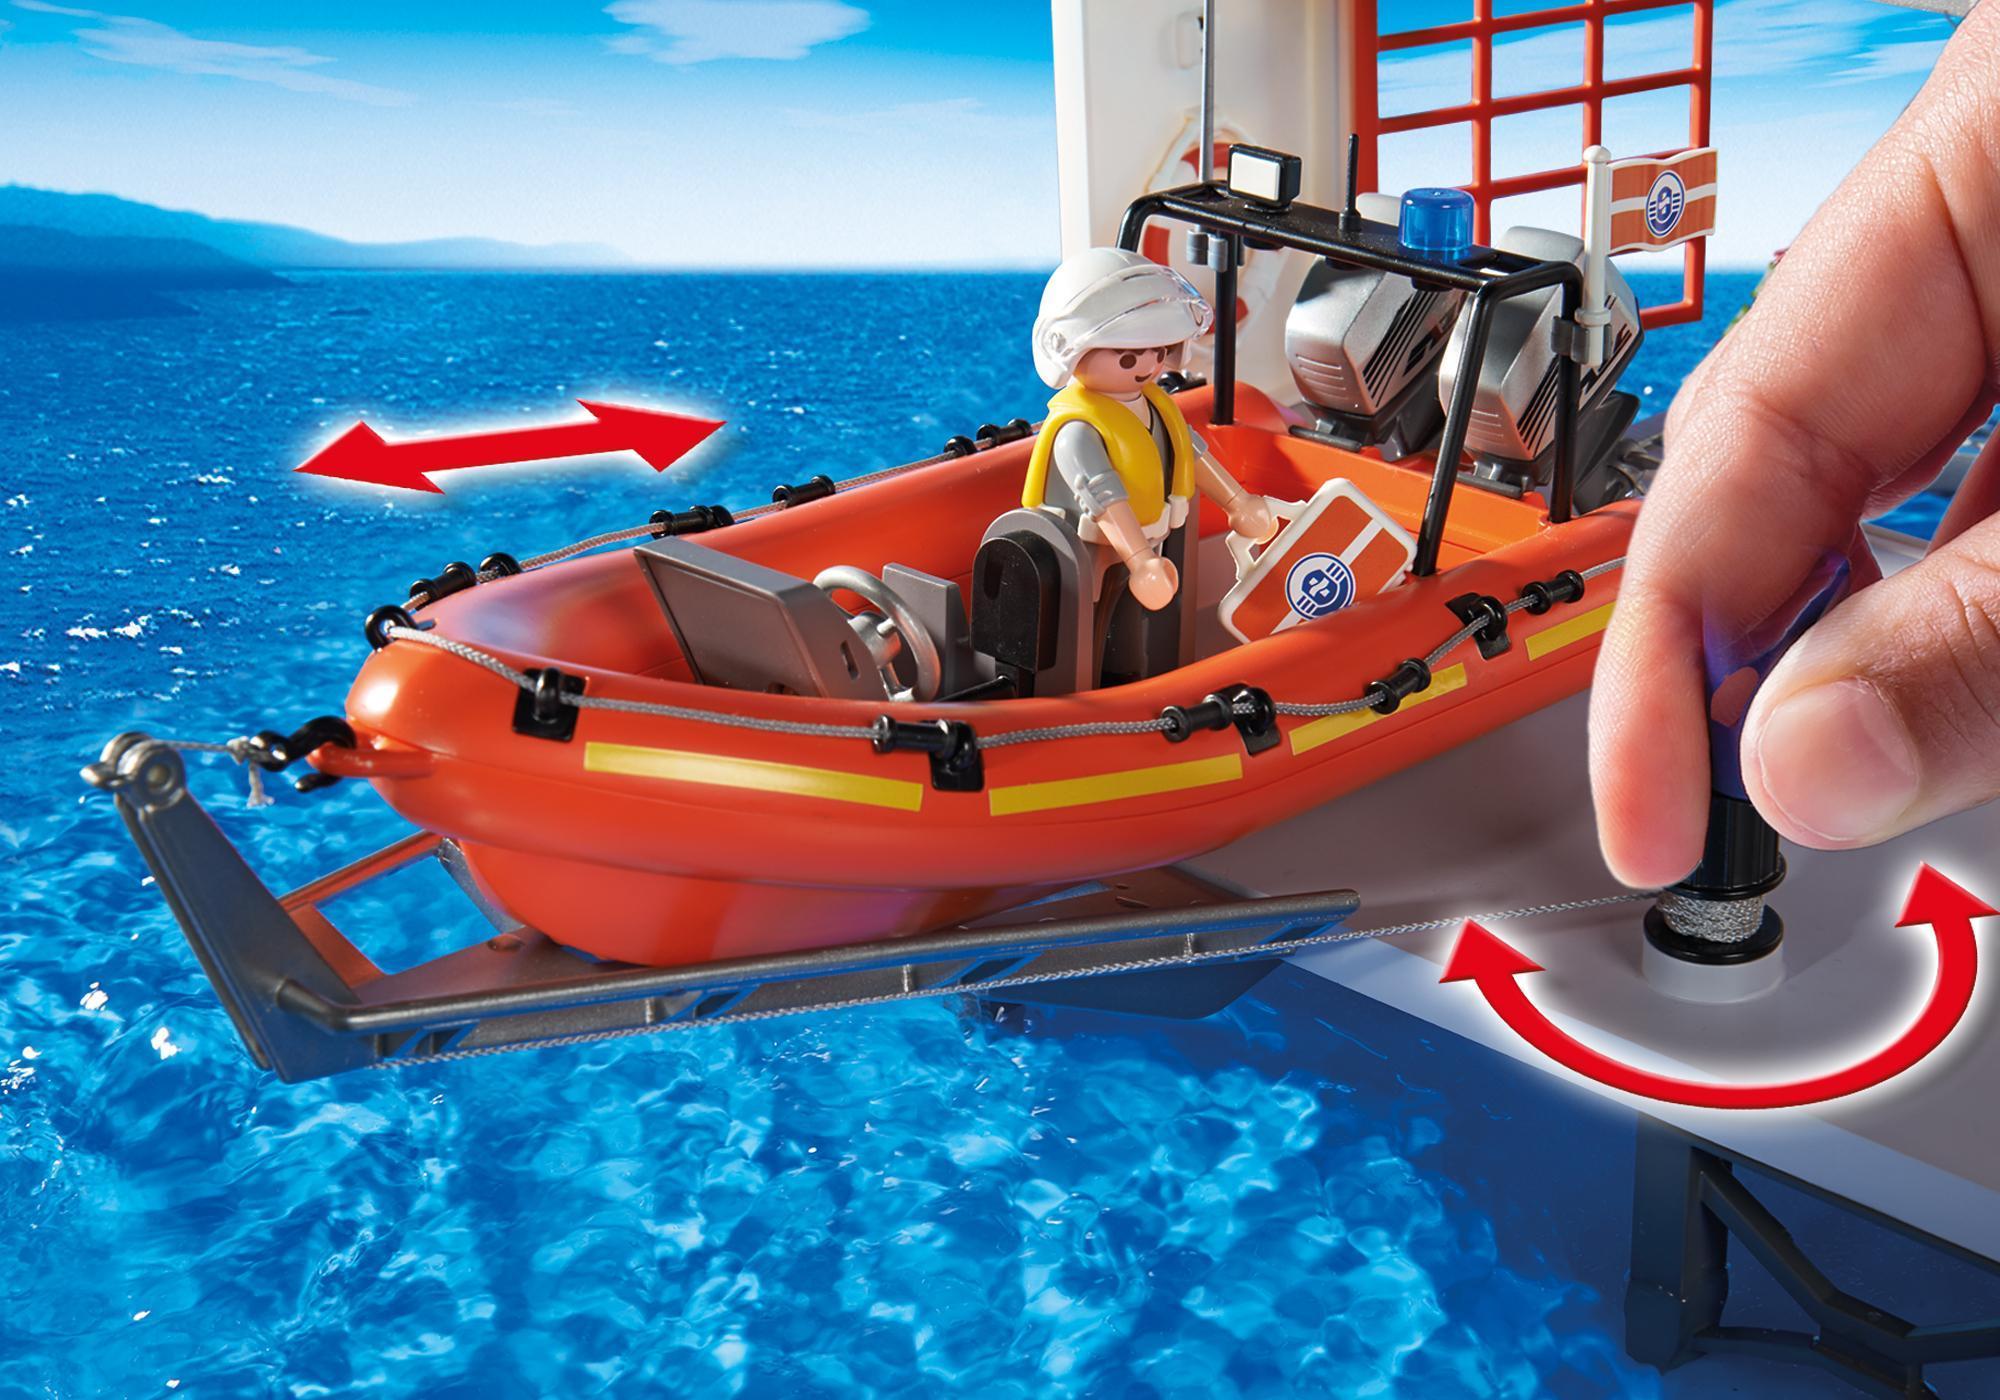 http://media.playmobil.com/i/playmobil/5539_product_extra2/Kwatera straży przybrzeżnej z latarnią